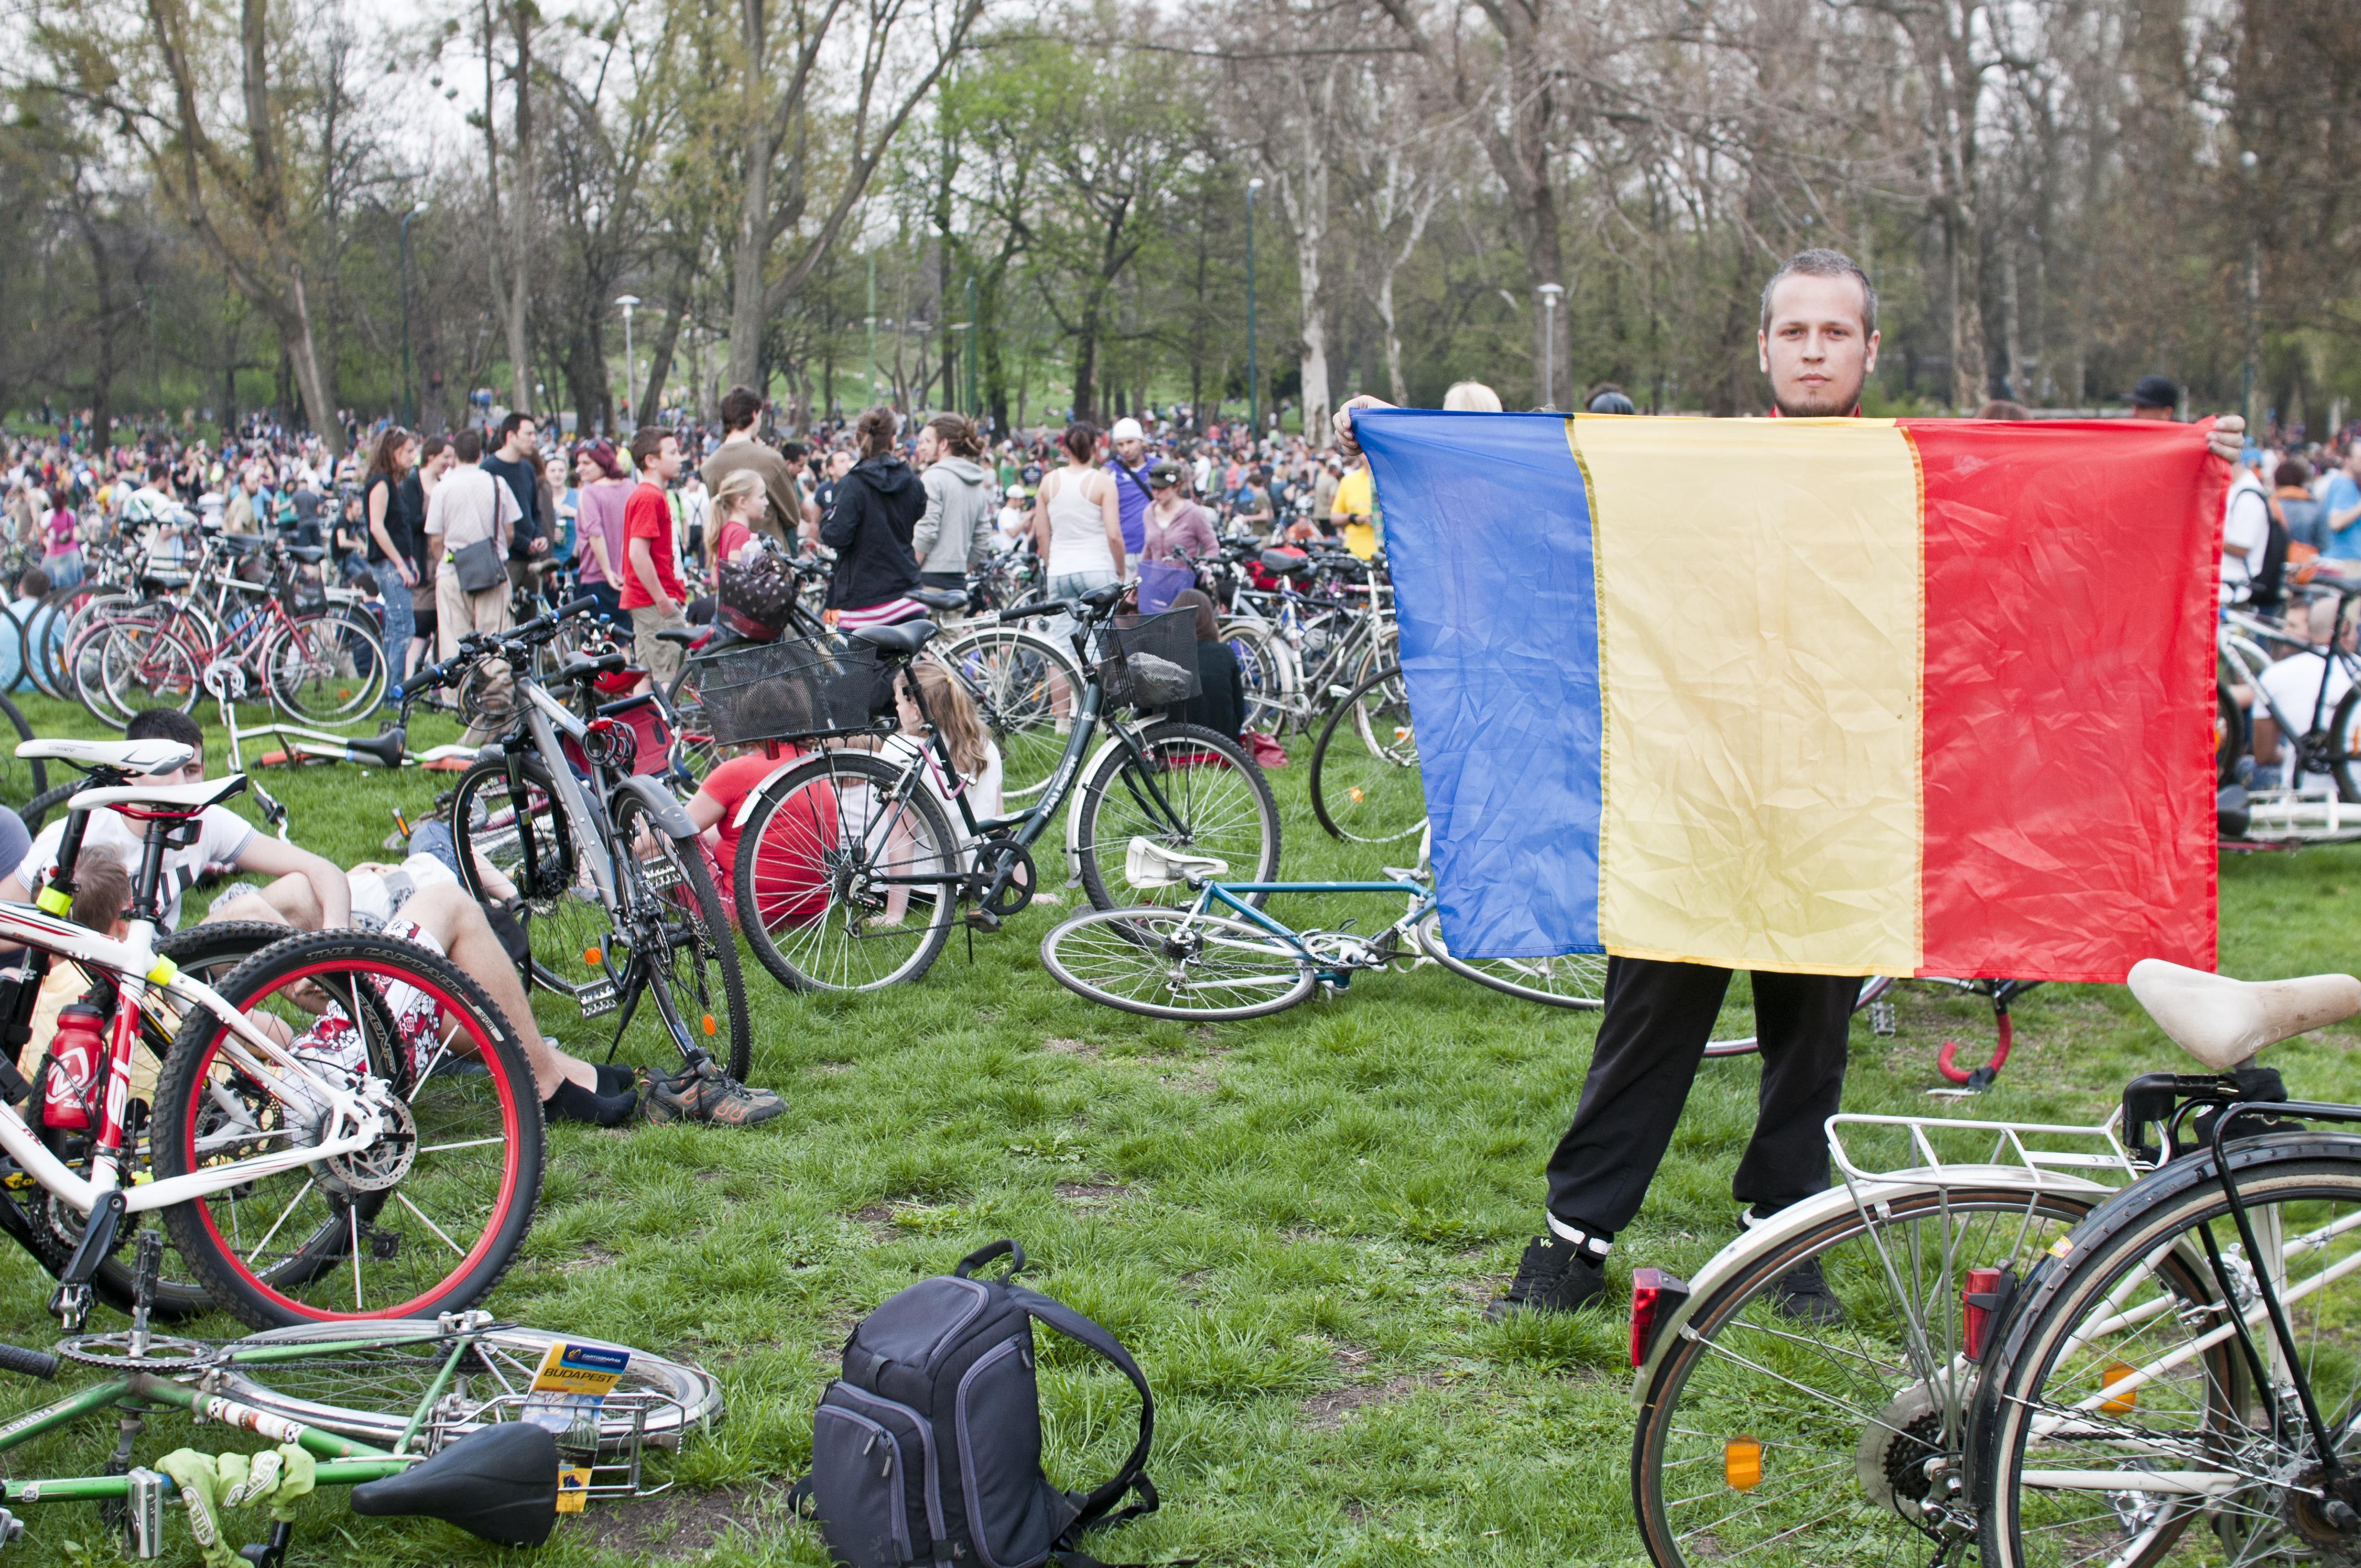 Patru timisoreni au dus steagul Romaniei la cel mai mare eveniment ciclist din Ungaria. FOTO